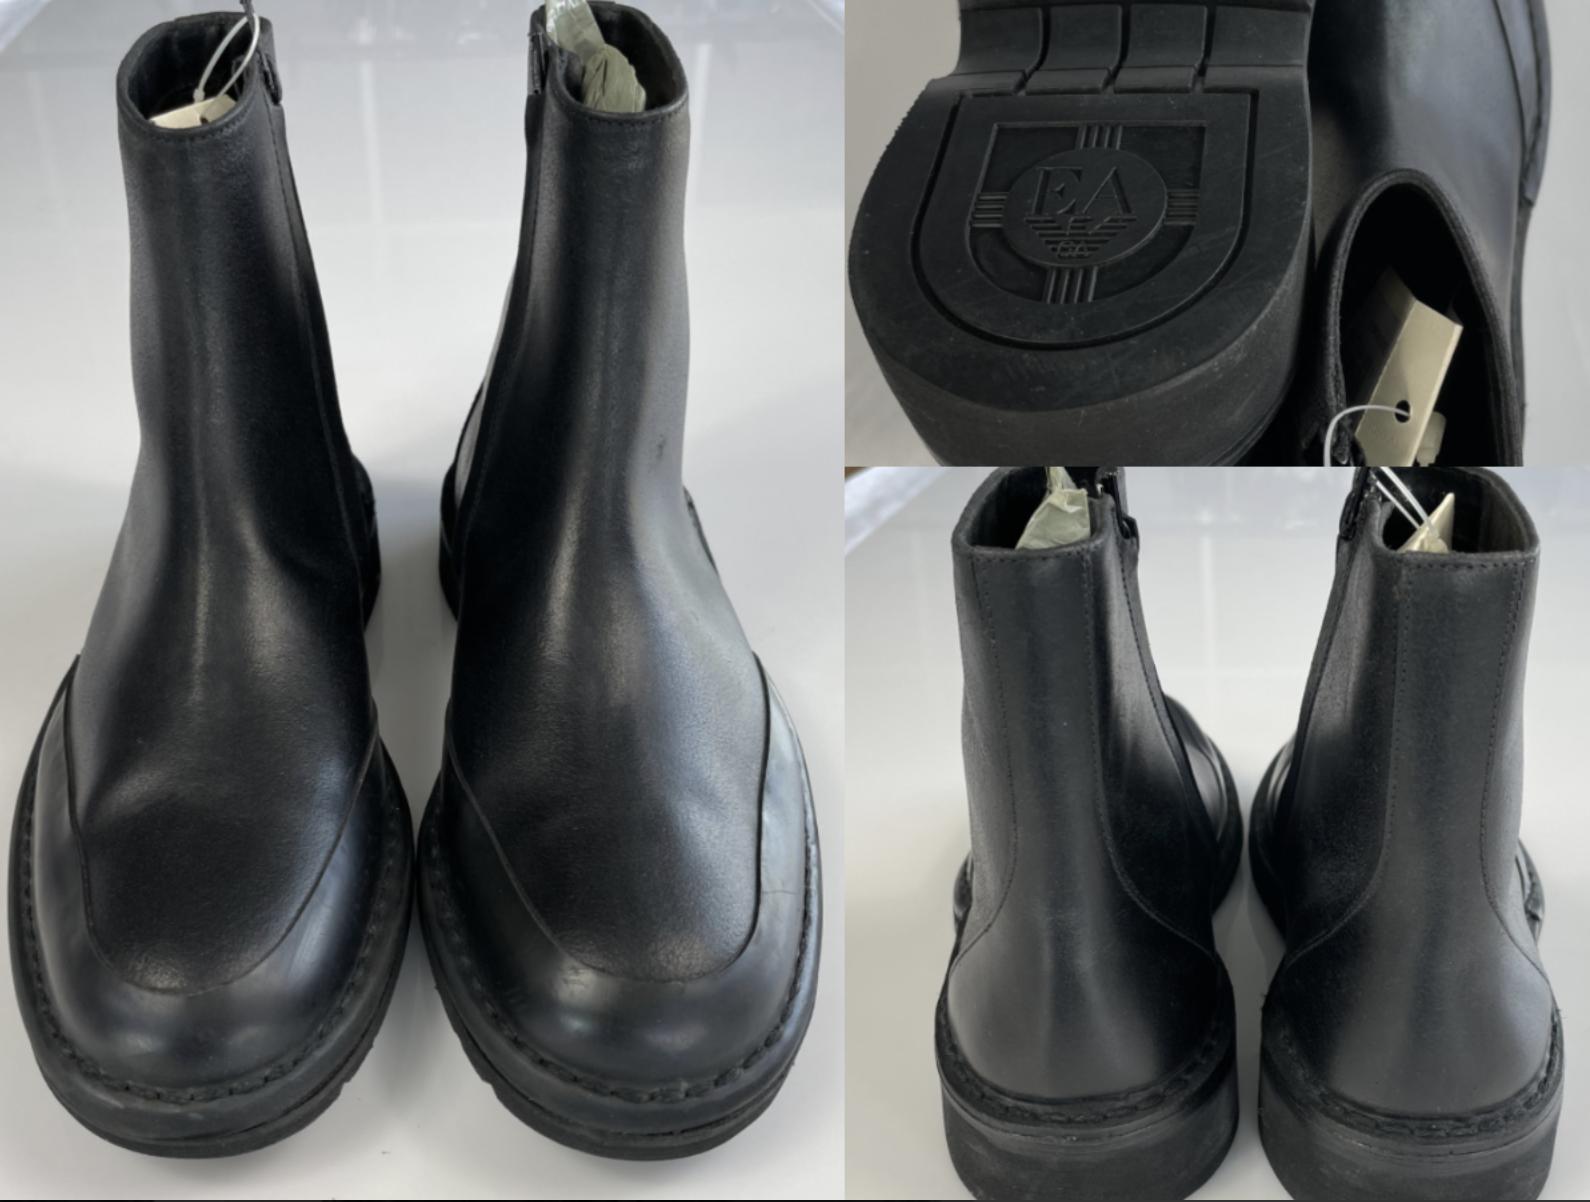 Emporio Armani Men's Vintage Worn Effect biker boots Boots Shoes New